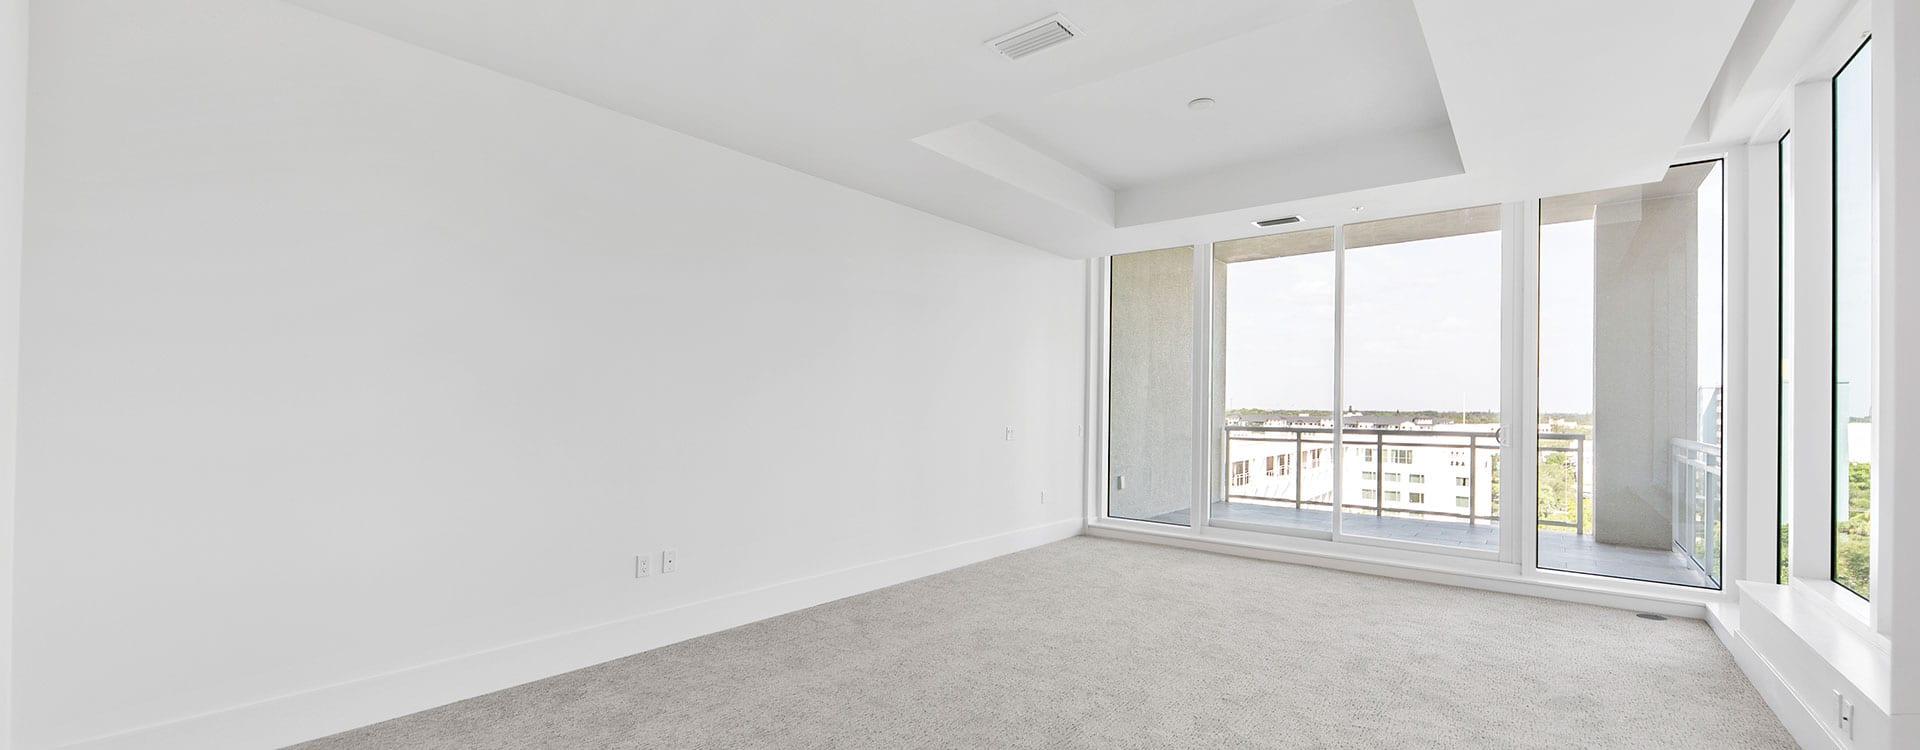 BLVD Sarasota Residence 803 Bedroom